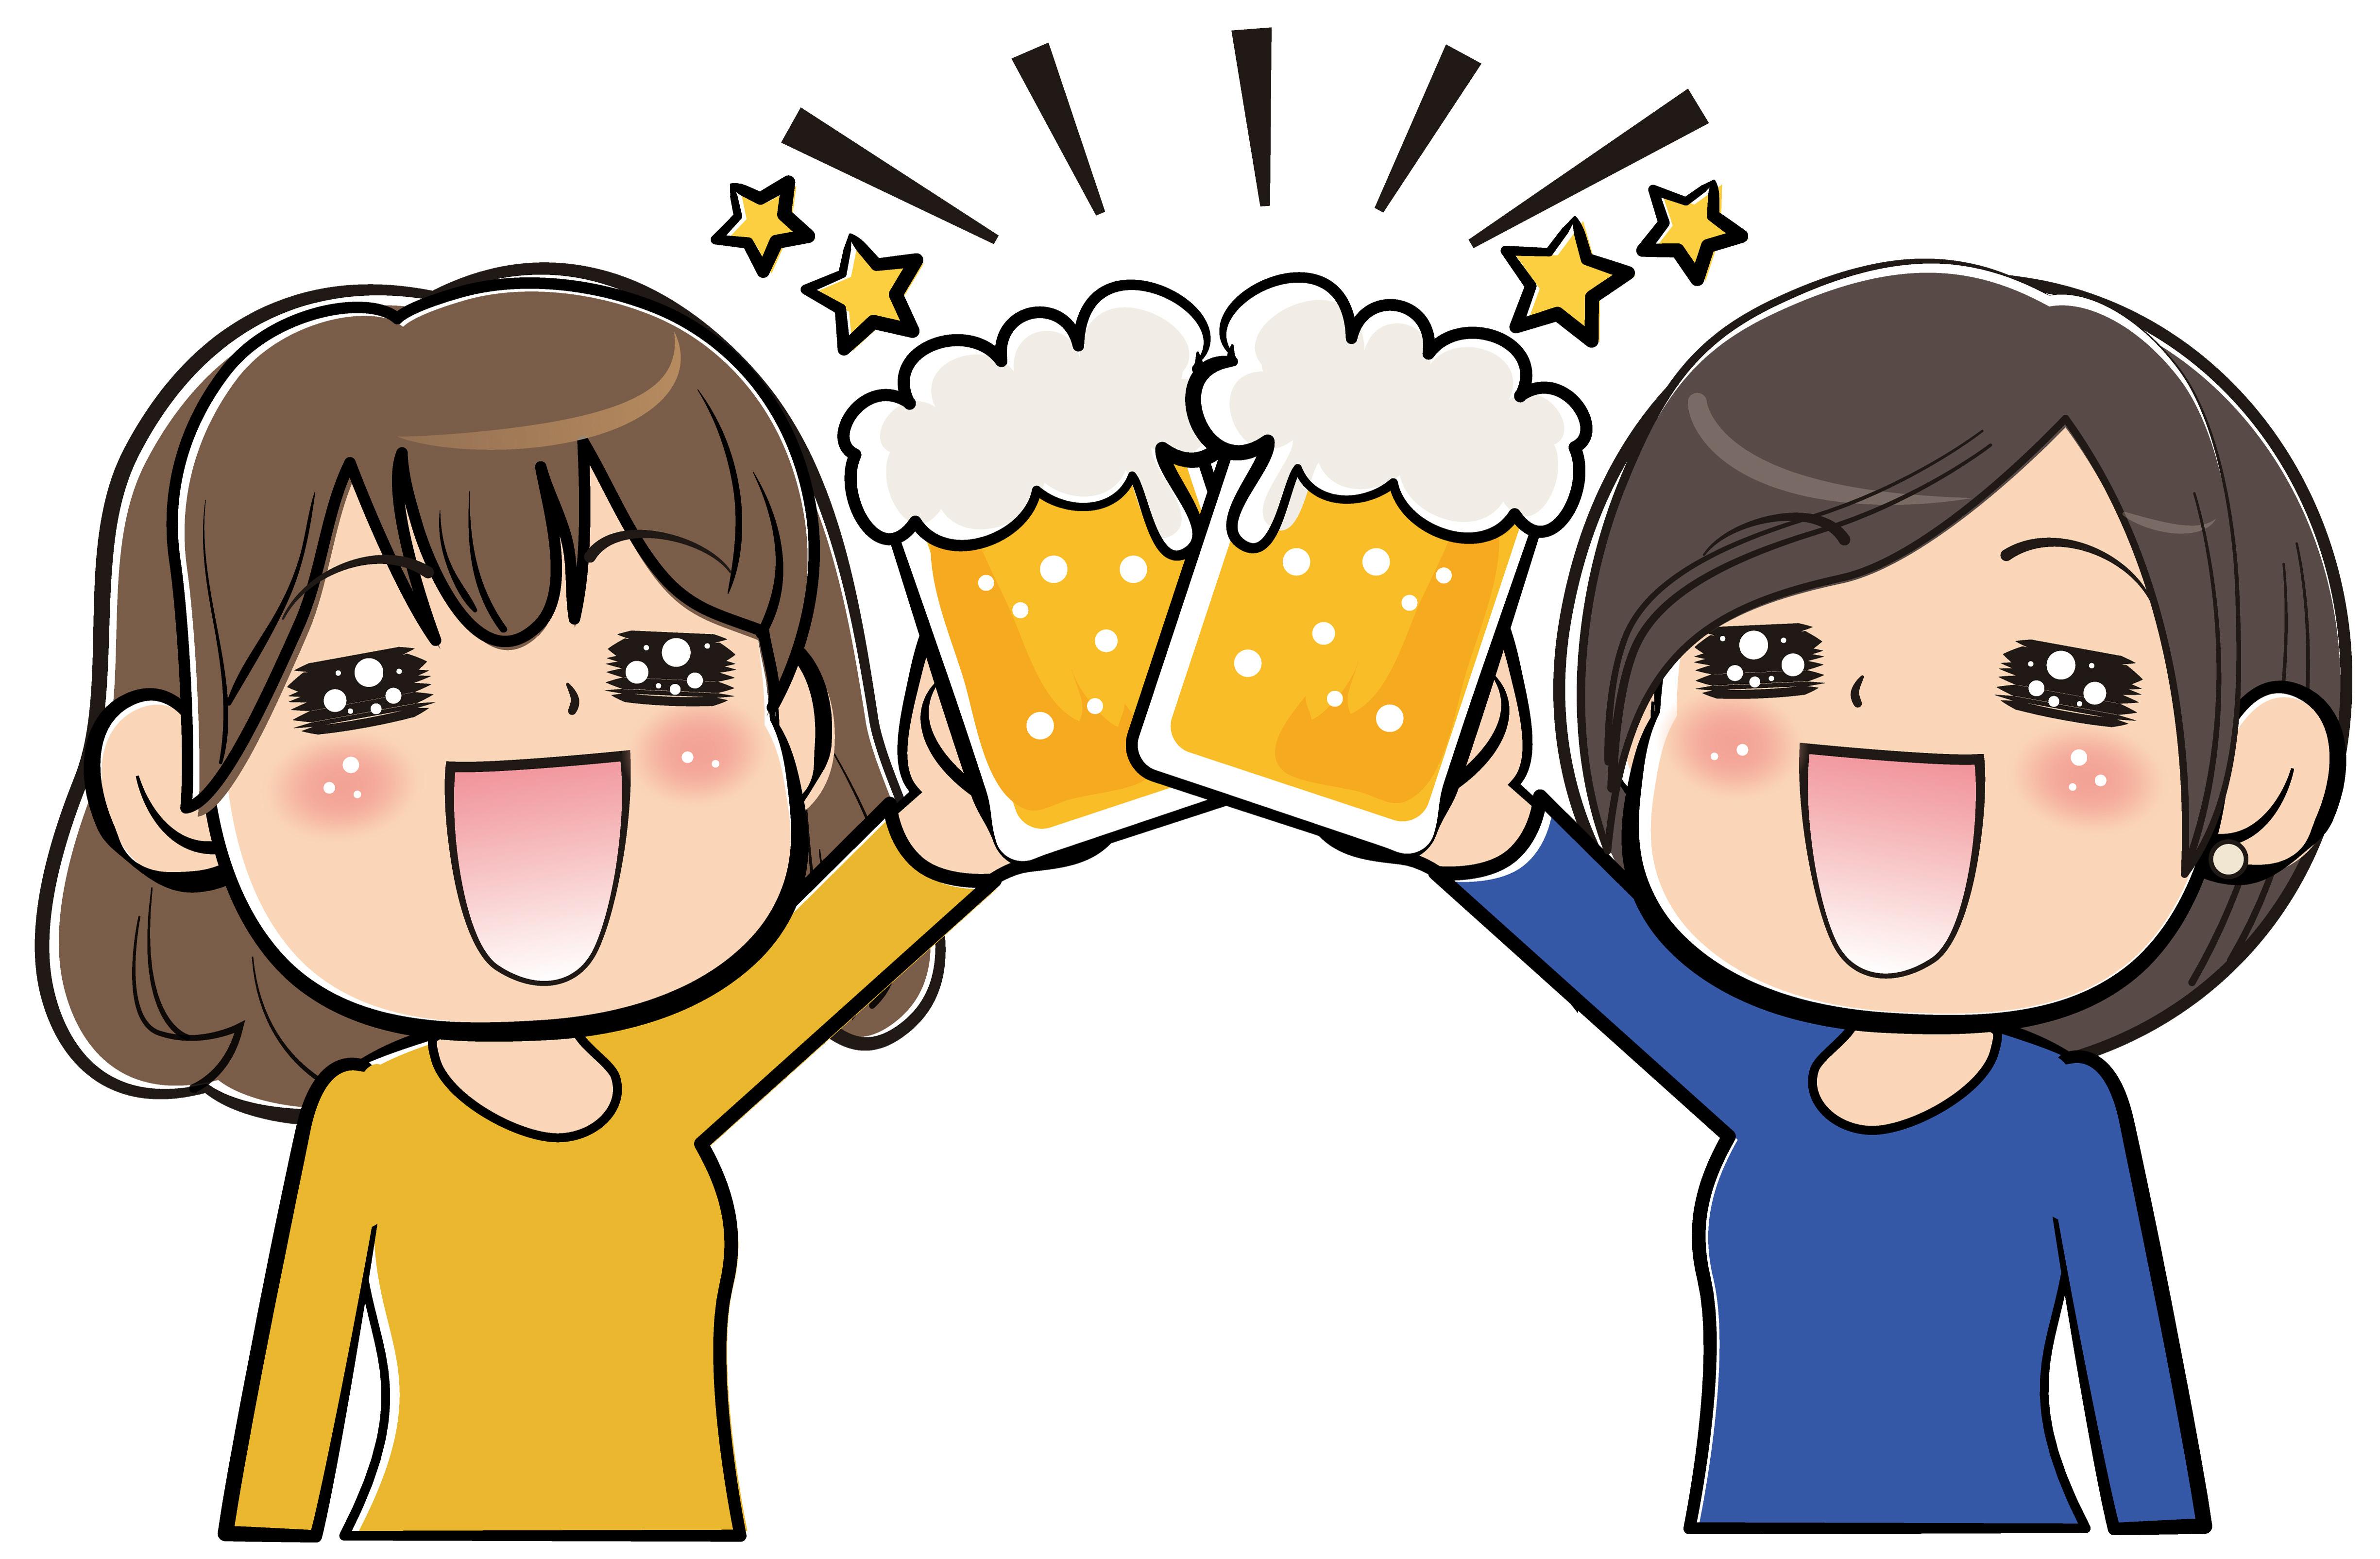 「ハシゴする」は英語で「bar hopping」と言います。